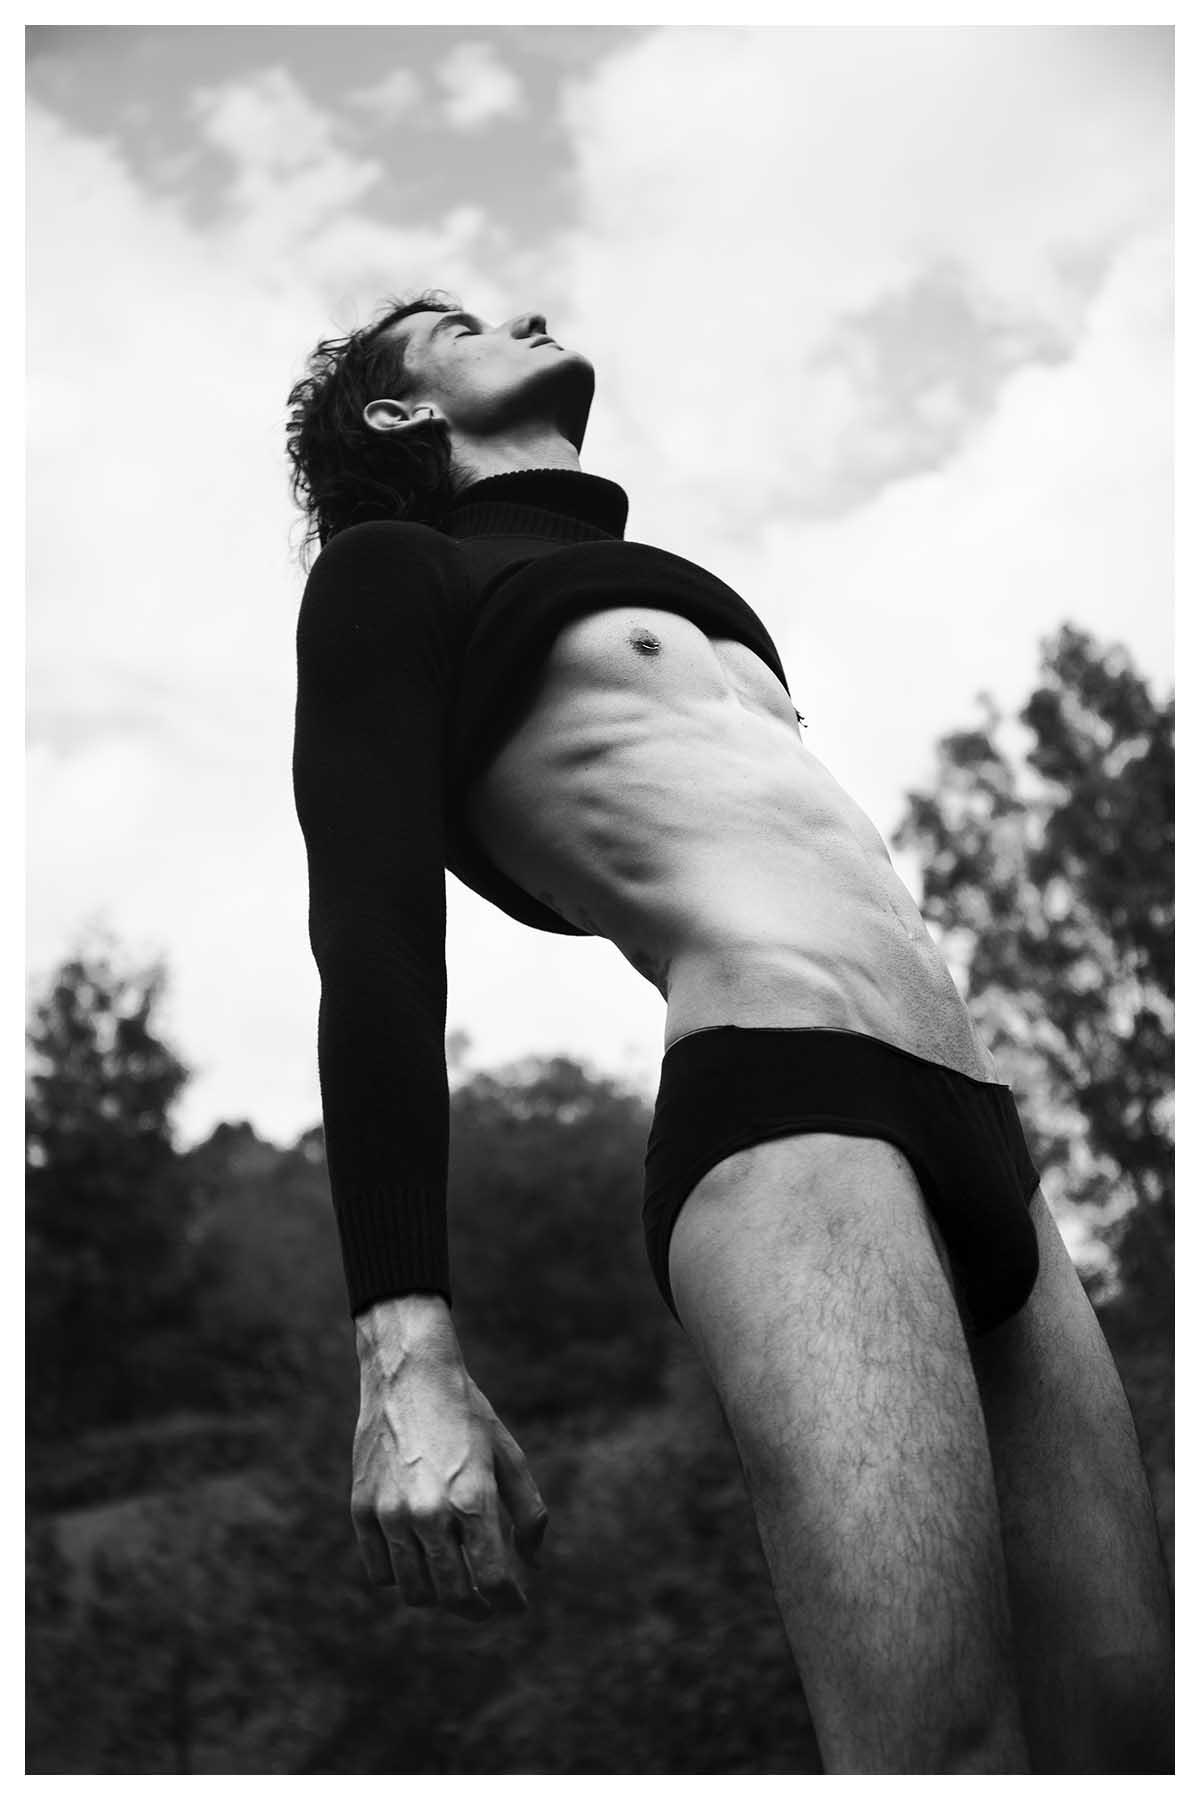 Felipe Marque by Aimanness Harun for Brazilian Male Model